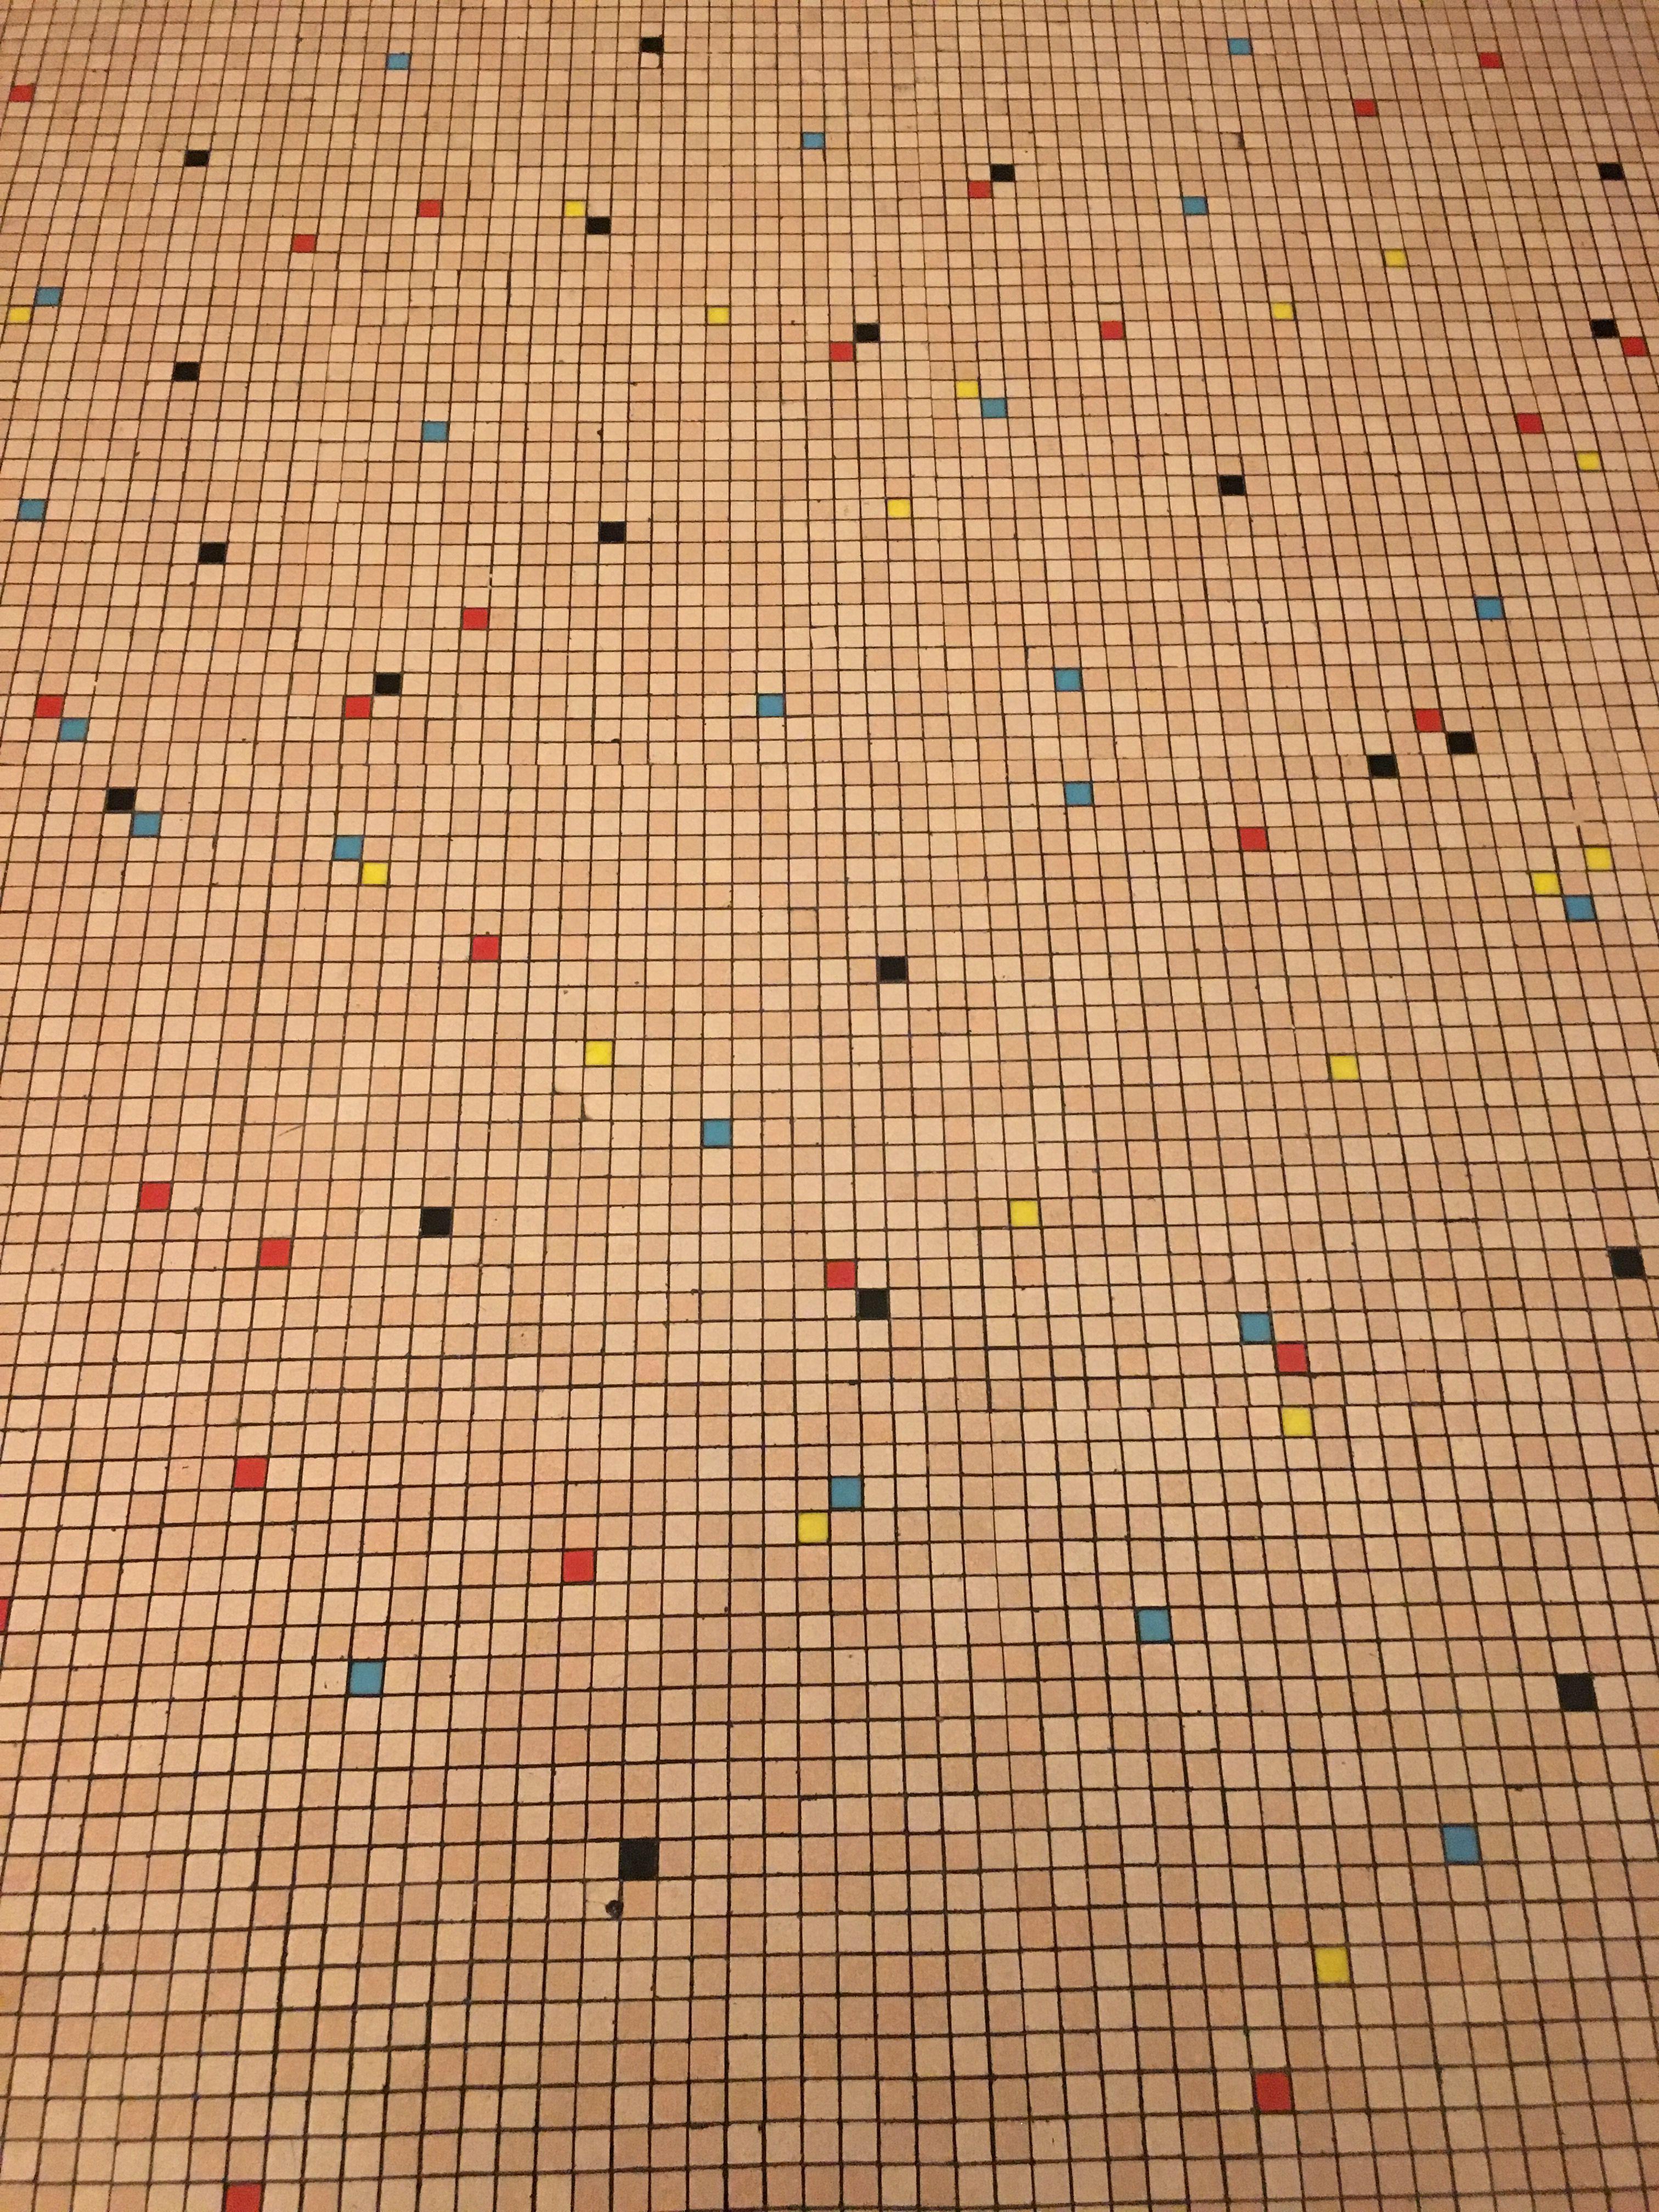 Carrelage Mosaique Annees 50 Immeuble Parisien Carelage